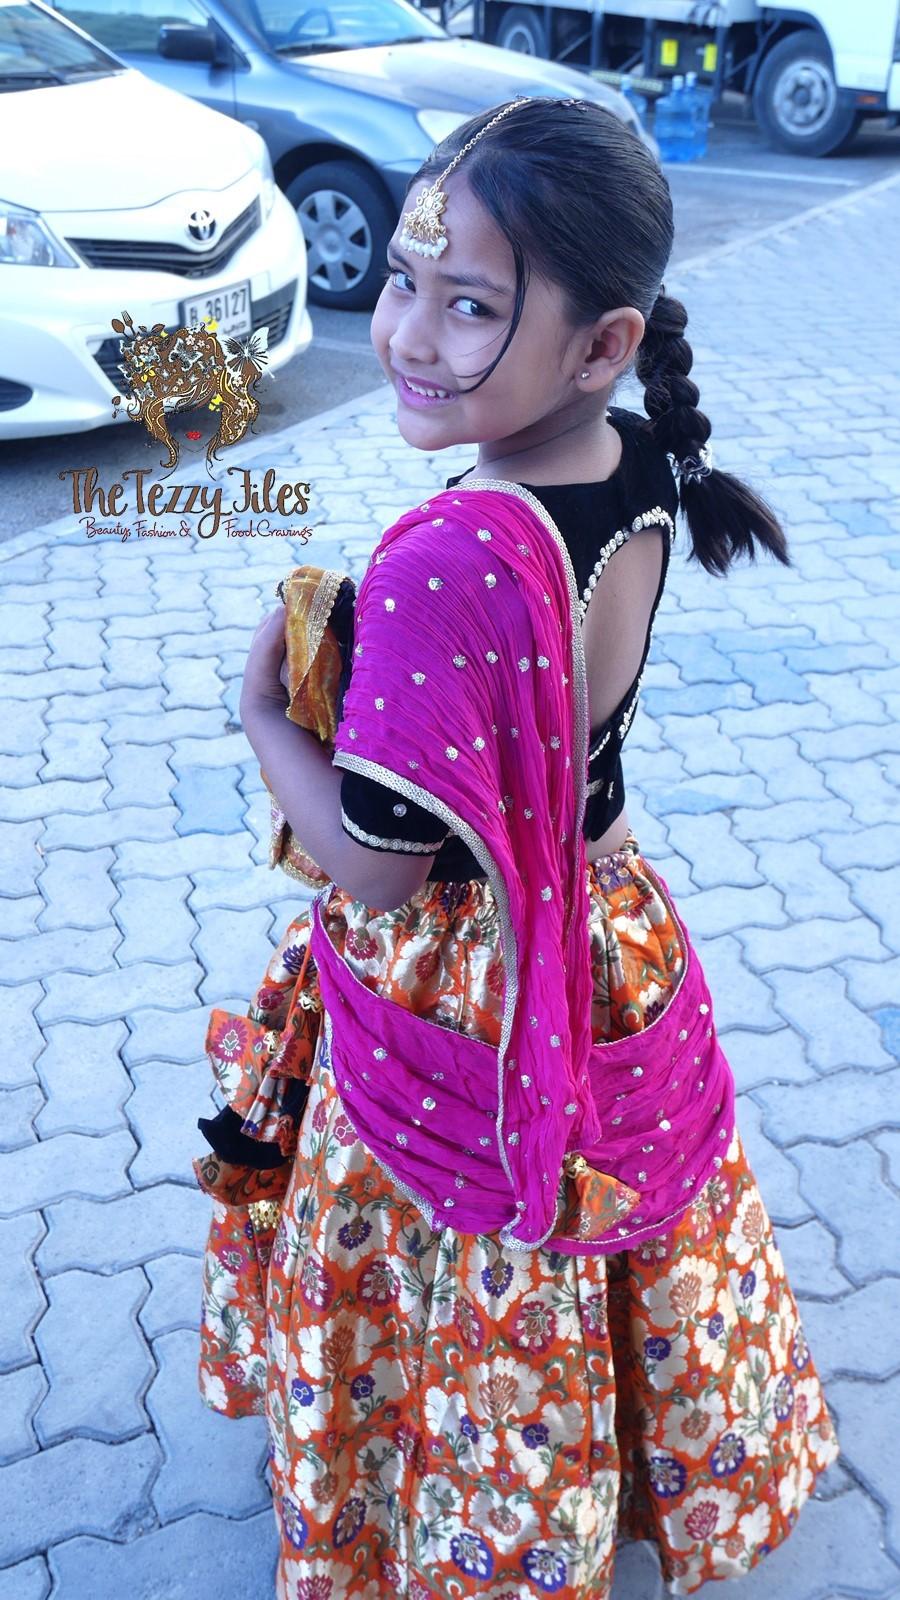 fayon-kids-indian-childrens-fashion-ethnic-lehenga-ghagra-child-mummy-blogger-indian-blog-fashion-dubai-uae-numaish-barbie-8